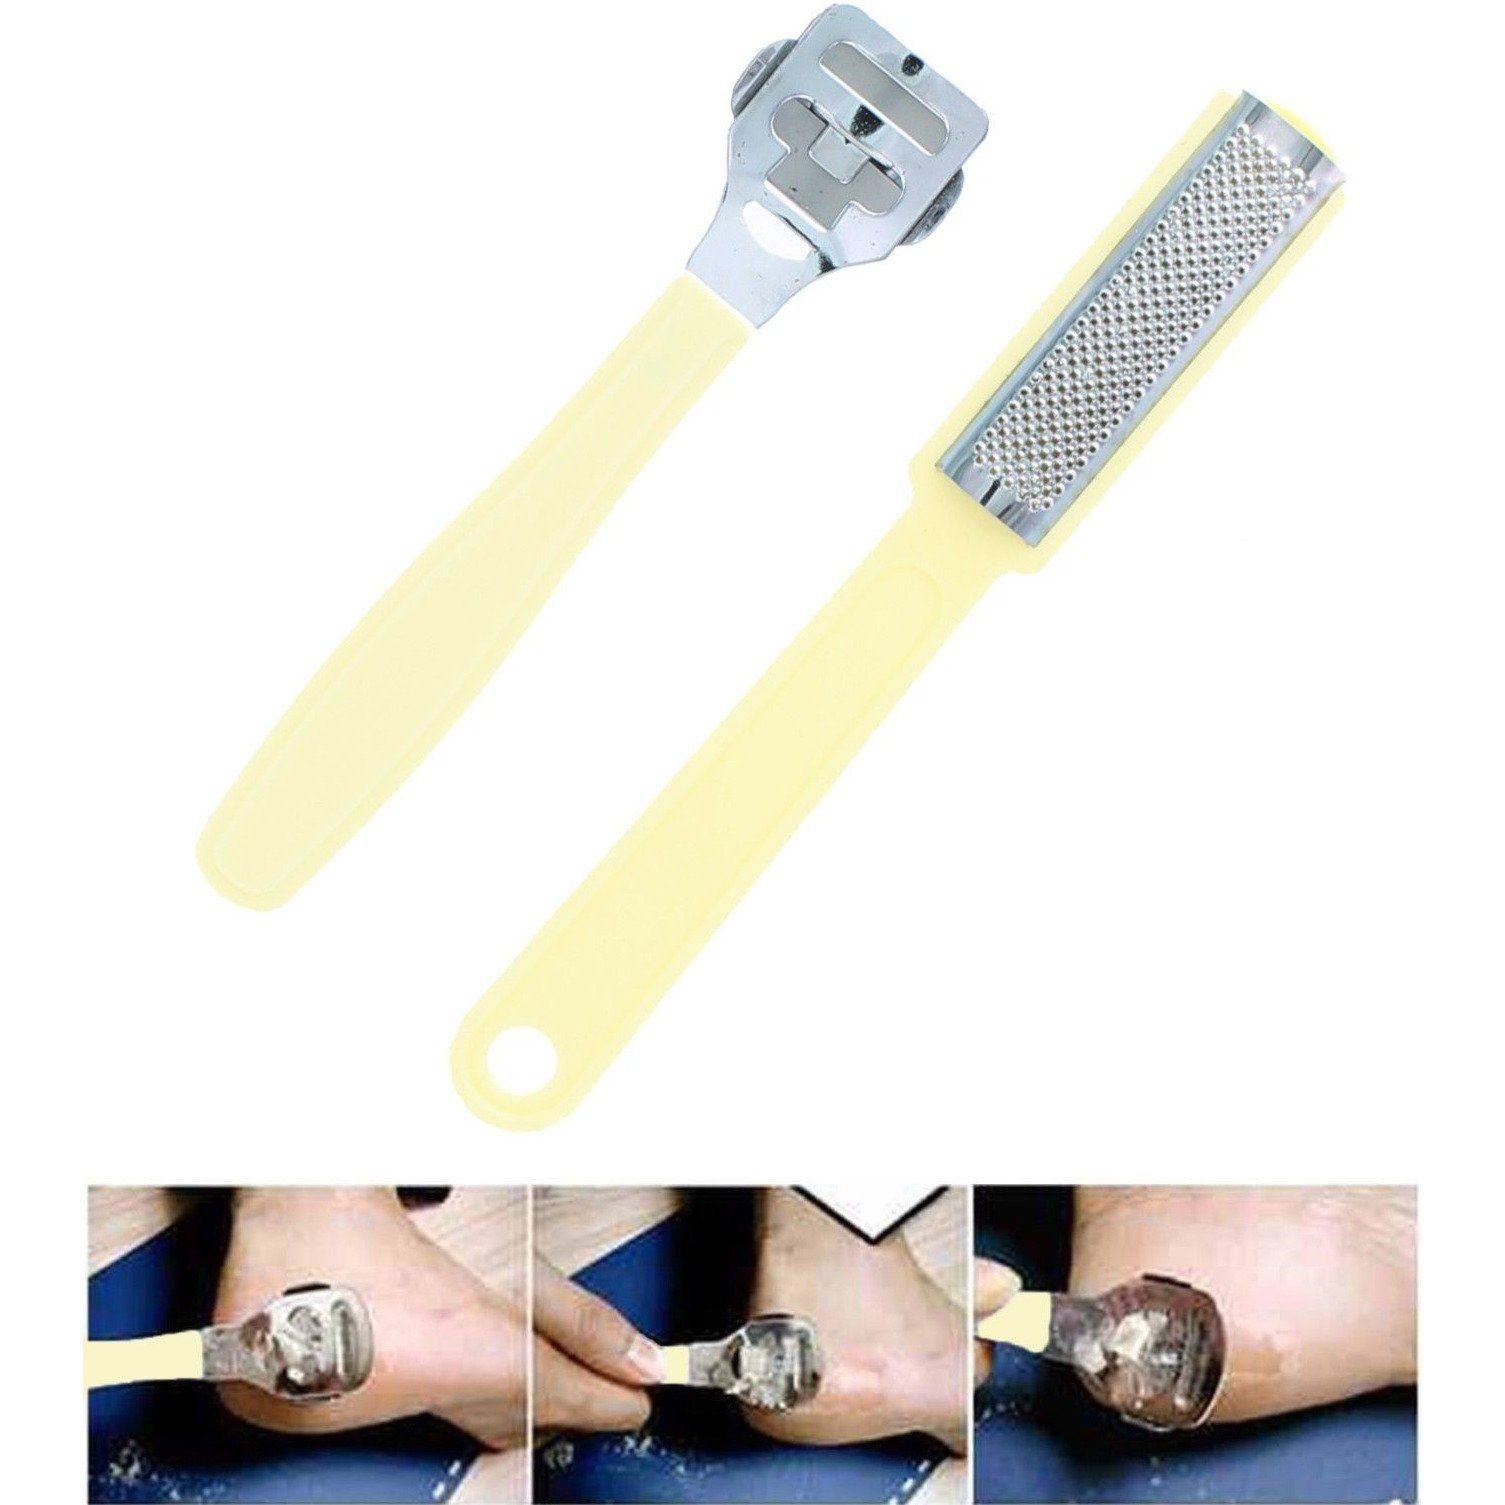 Foot Corn Remover Callus Shaver Set Callus Shaver Best Callus Remover Callus Remover Tool